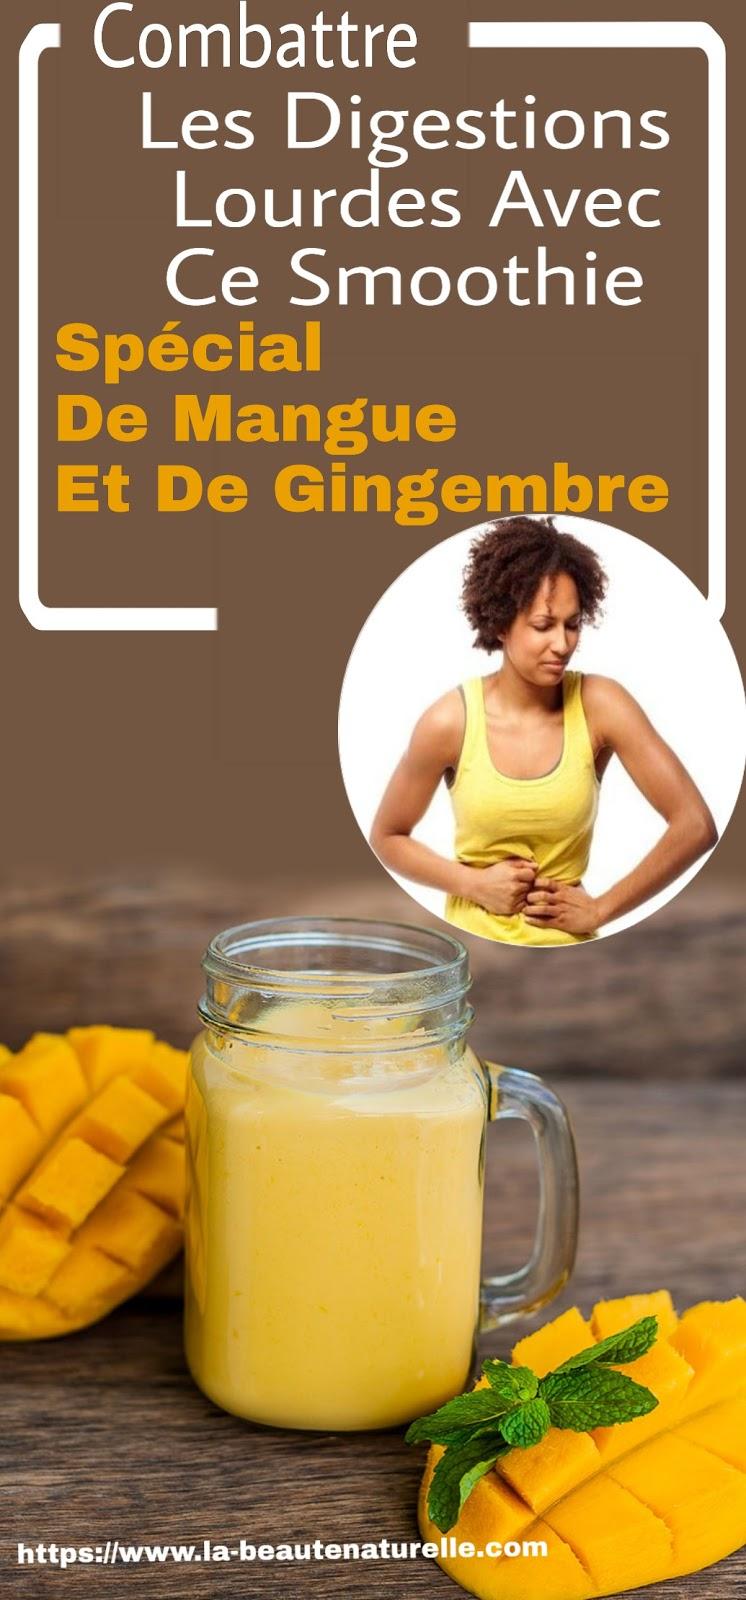 Combattre Les Digestions Lourdes Avec Ce Smoothie Spécial De Mangue Et De Gingembre